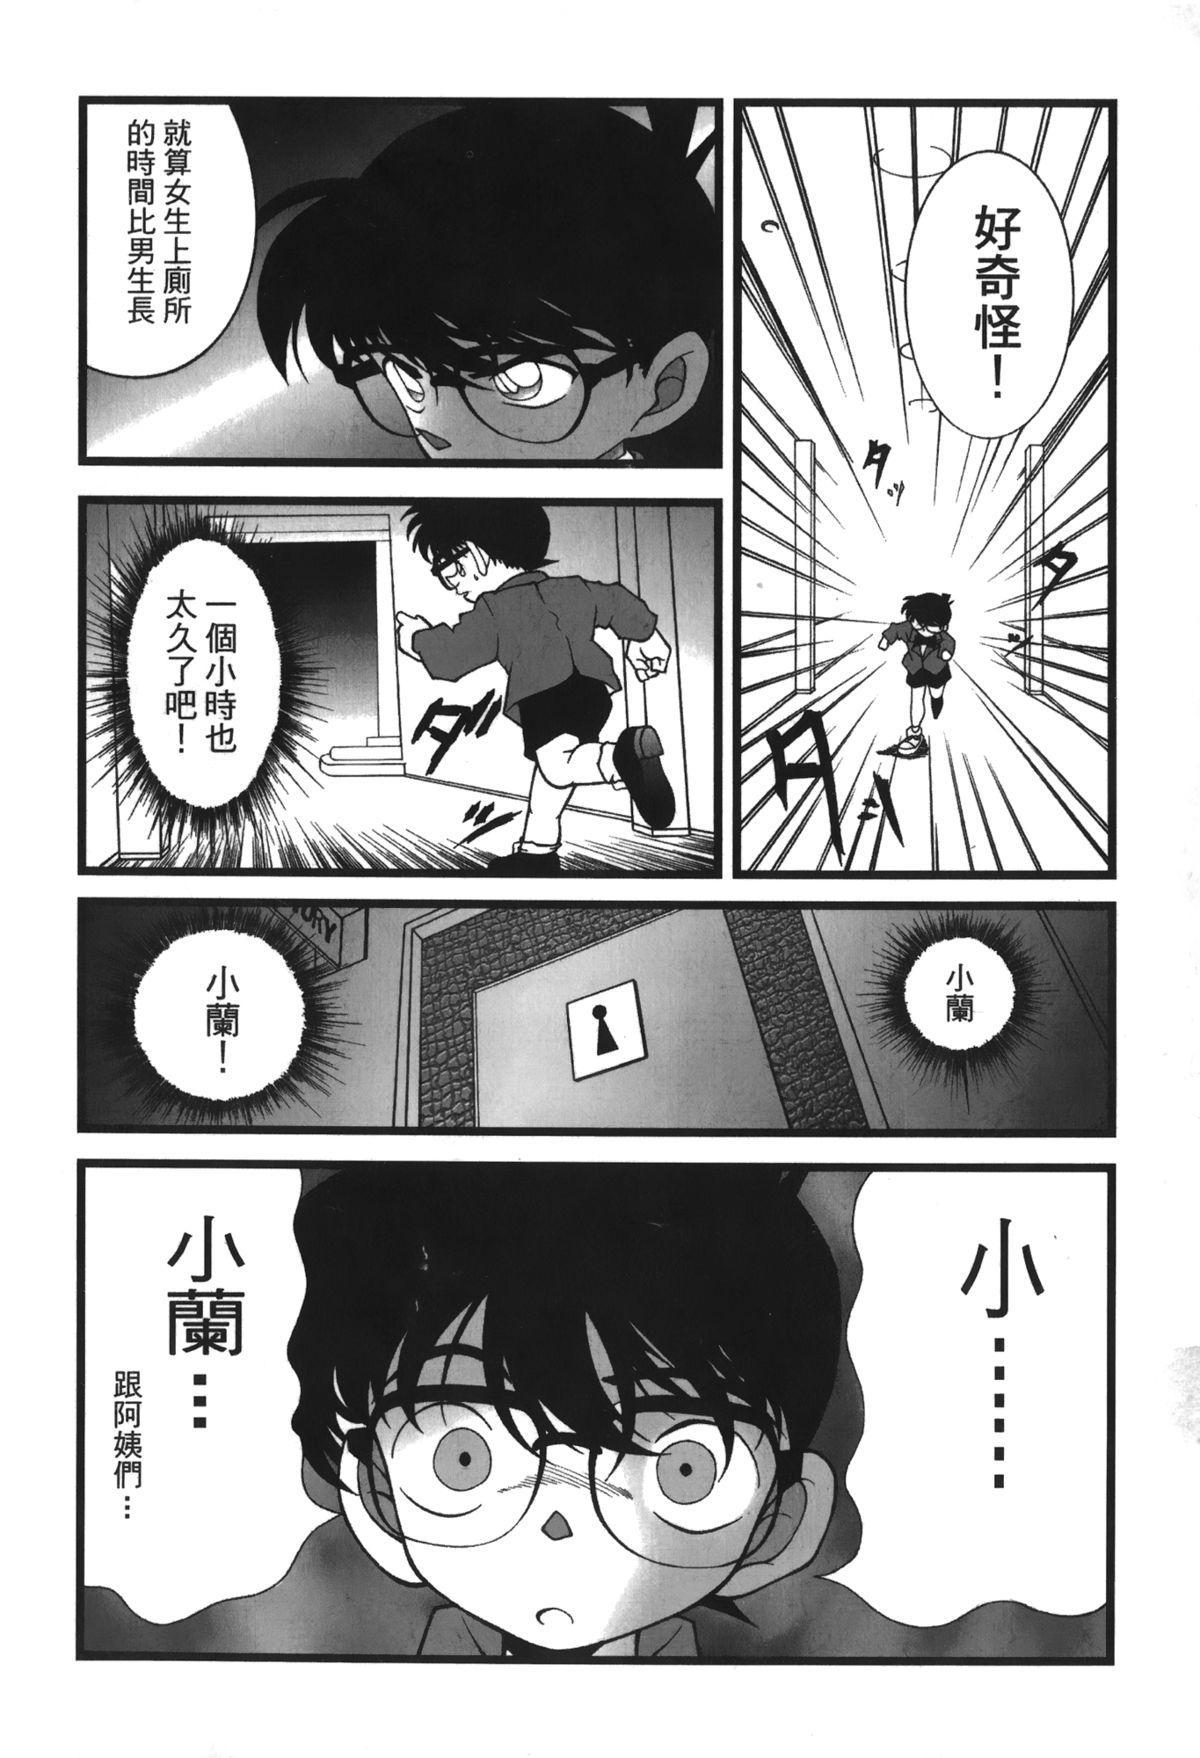 Detective Assistant Vol. 13 42